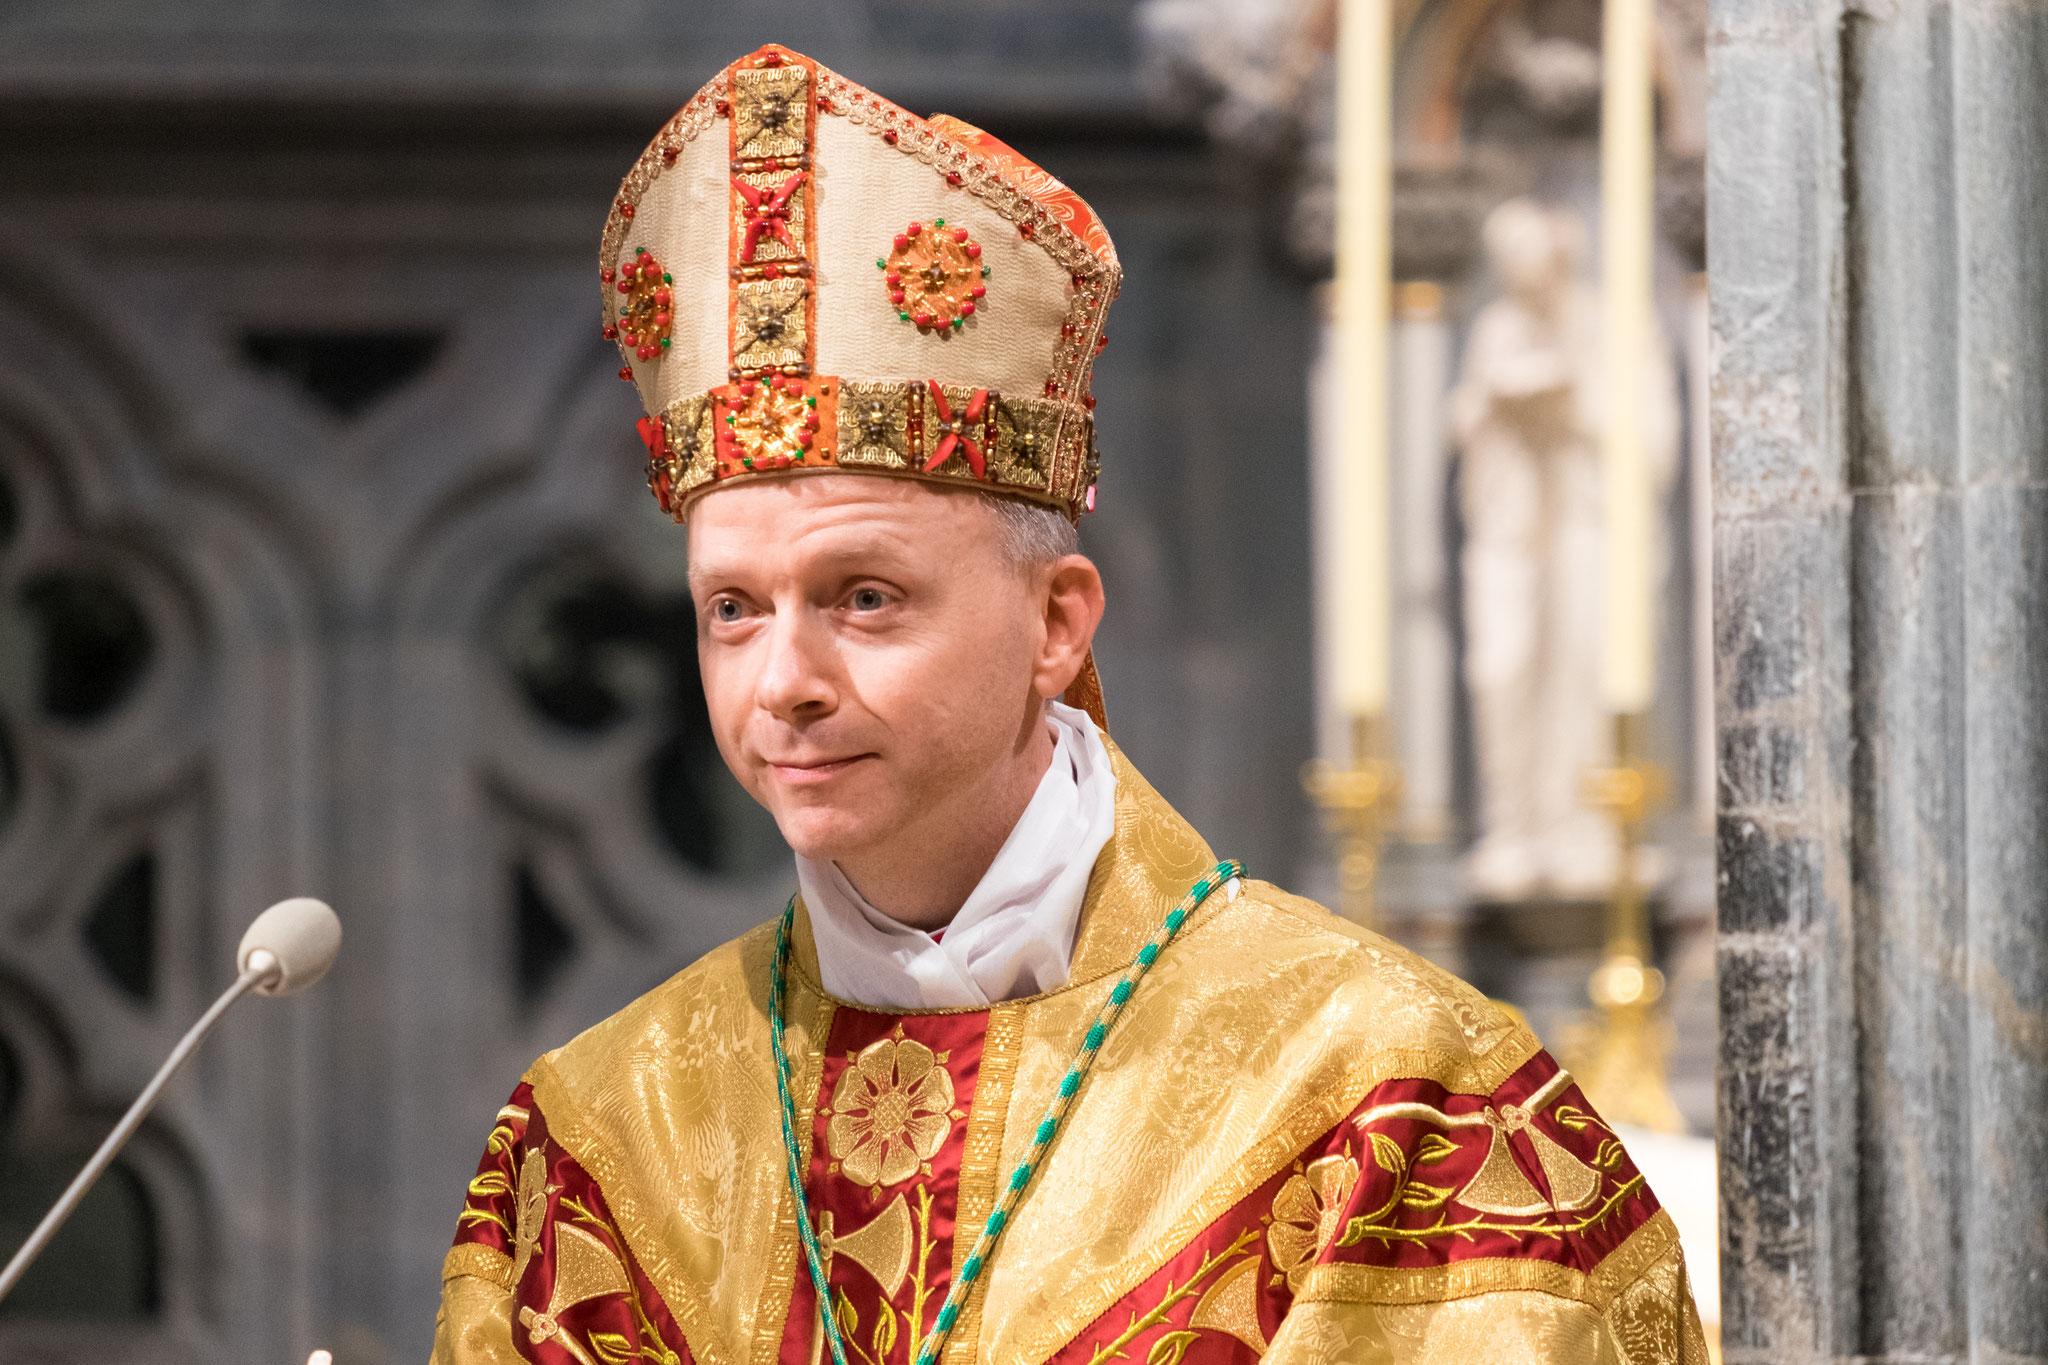 In seiner Dankerede bedankte sich Bischof Erik unter anderem auch bei dem Bonifatiuswerk für die Unterstützung der vergangenen Jahre